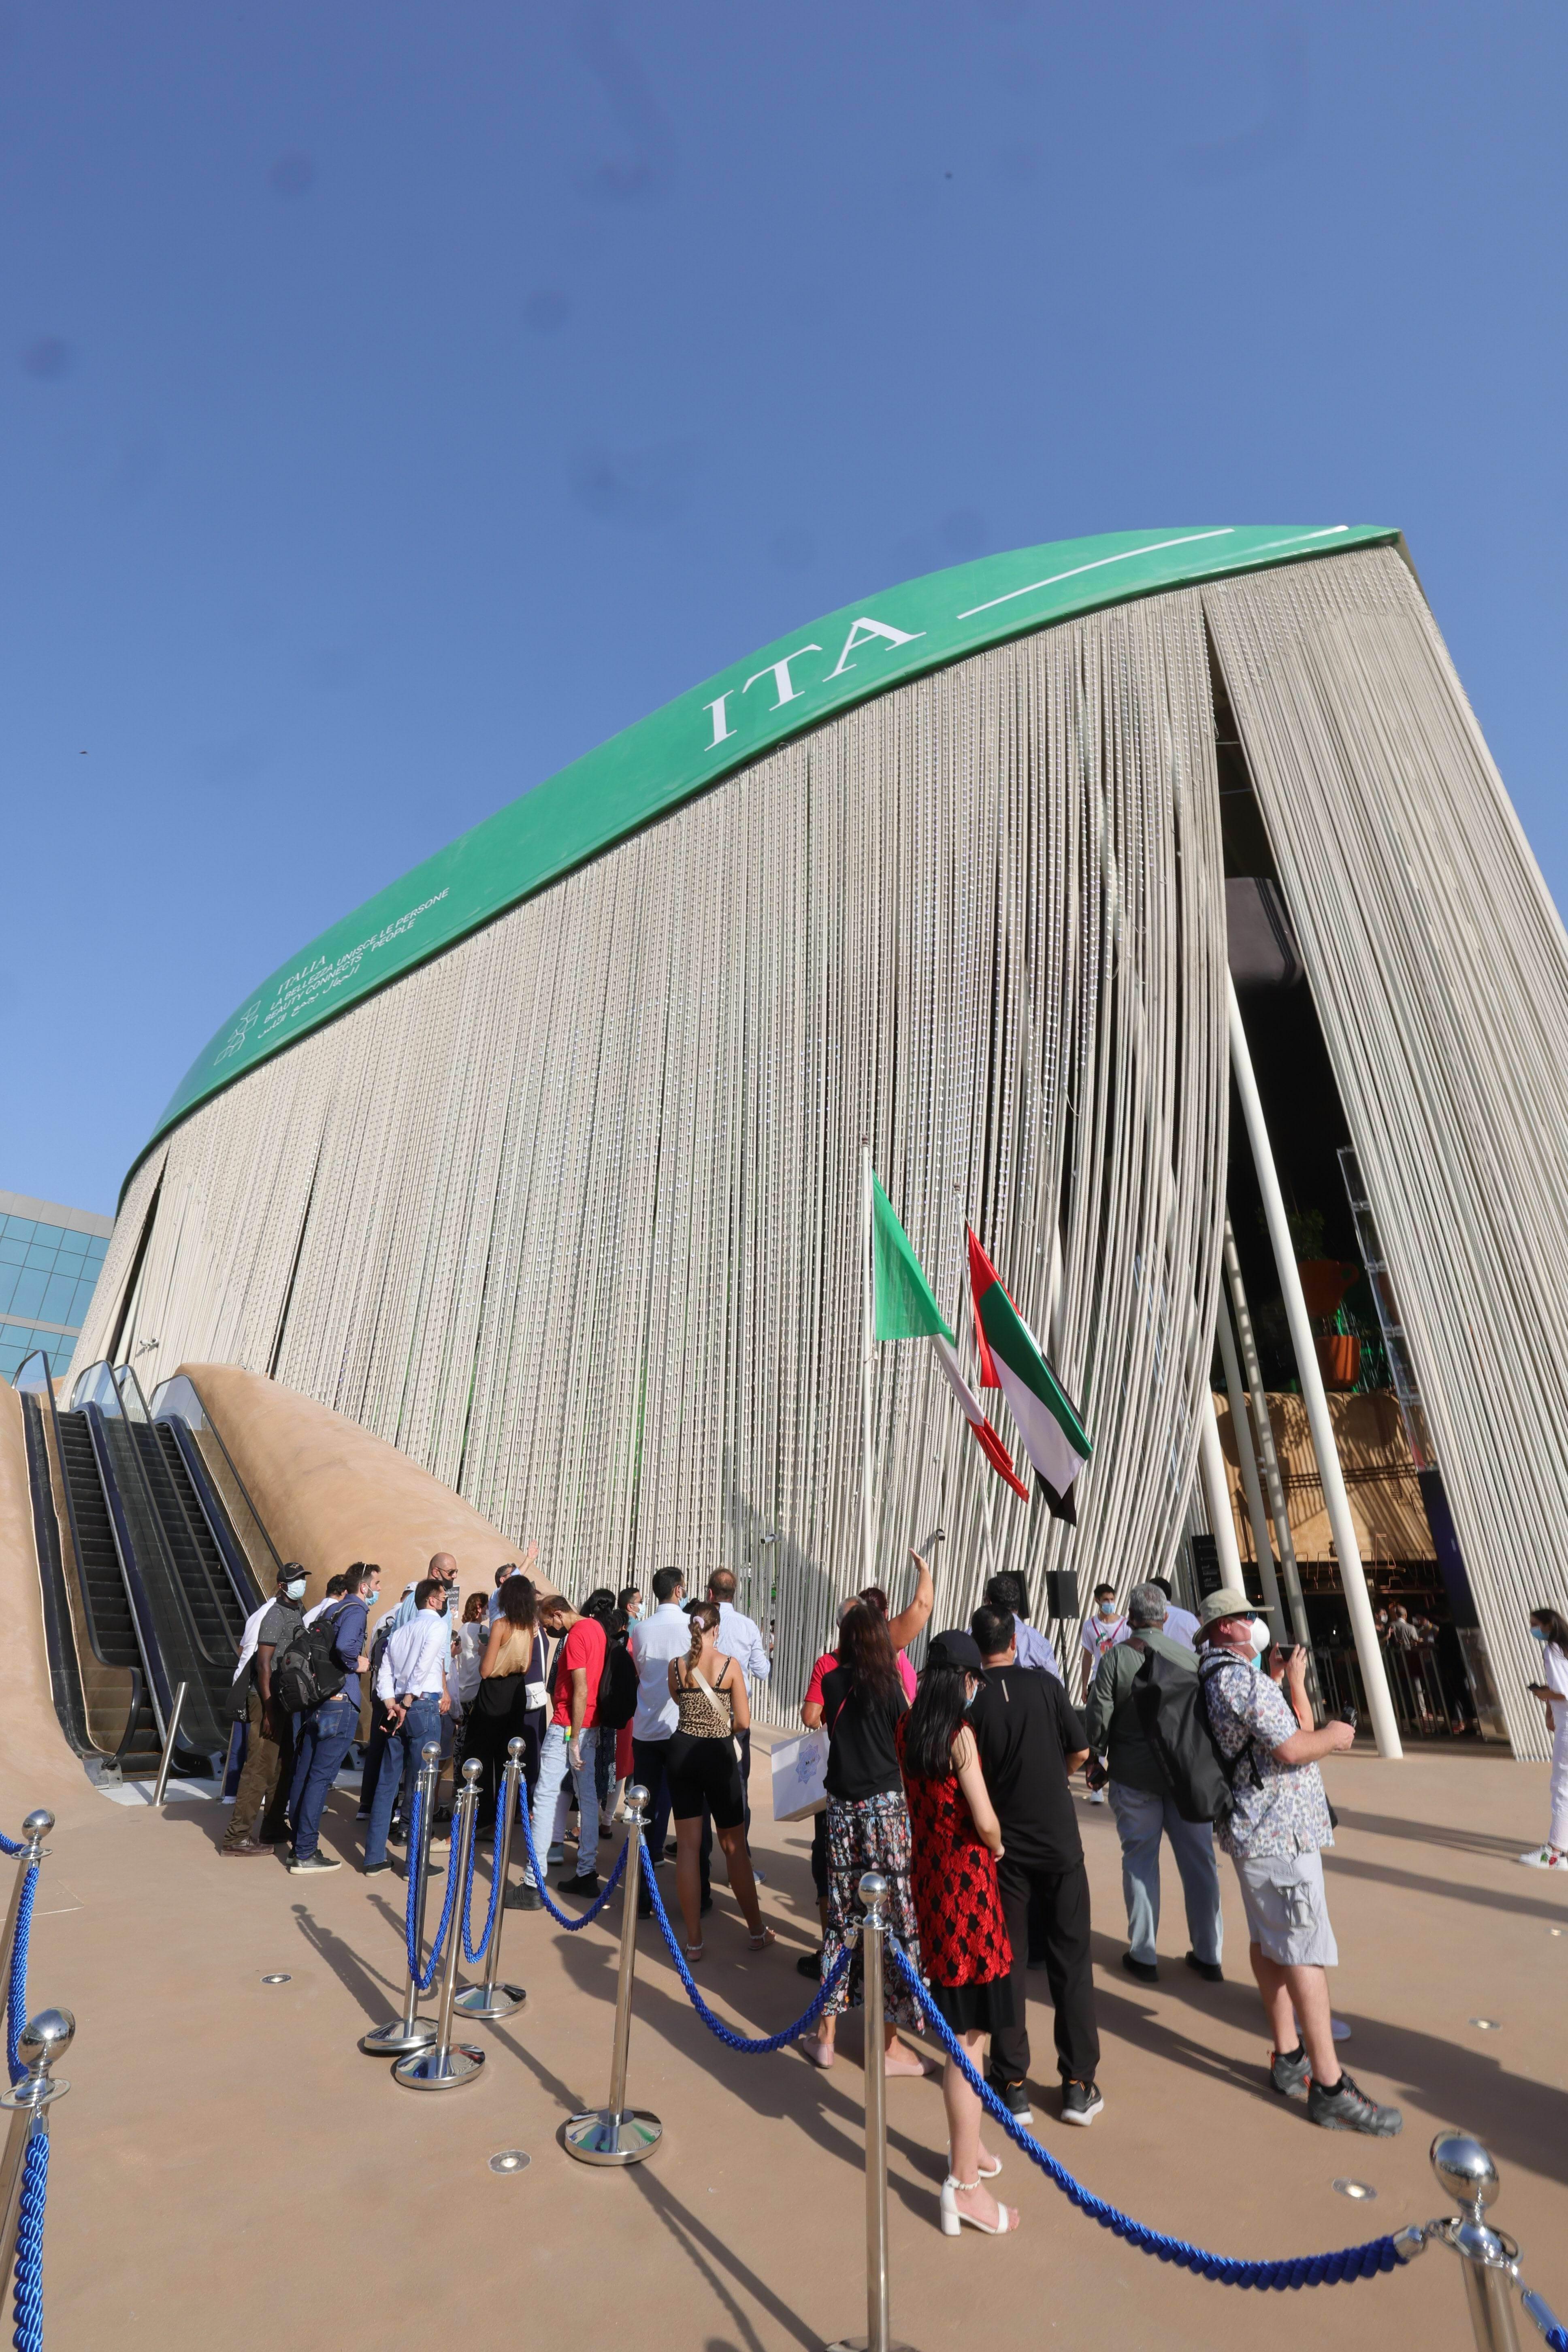 _dubai---pubblico-al-padiglione-italia-expo-2020-2021-10-21_6-massimo-sestini-for-italy-expo-2020